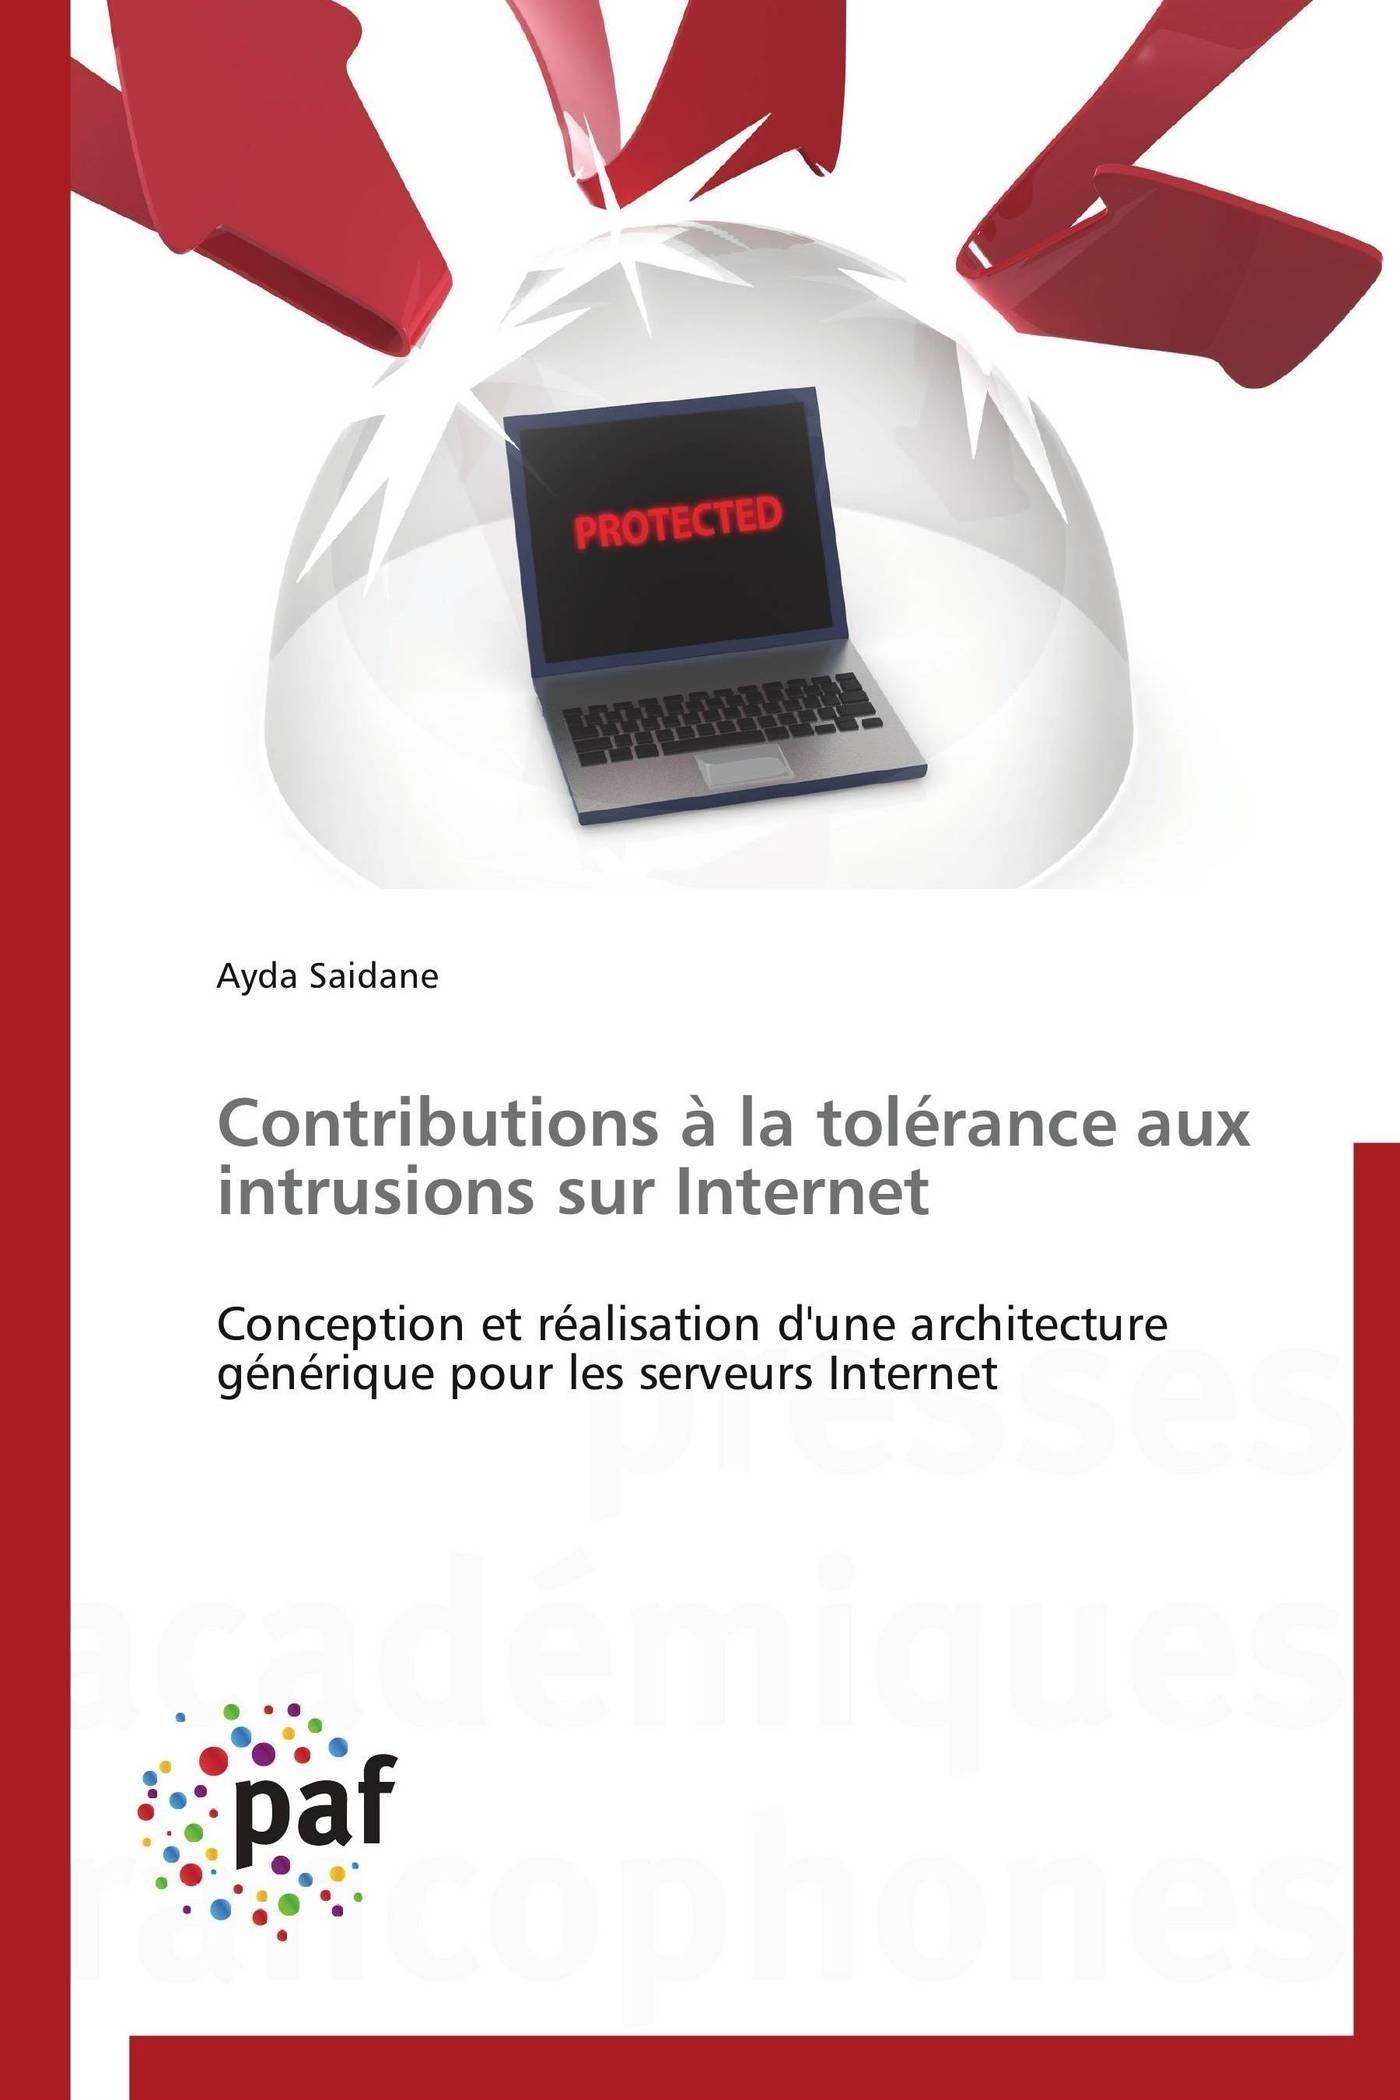 CONTRIBUTIONS A LA TOLERANCE AUX INTRUSIONS SUR INTERNET